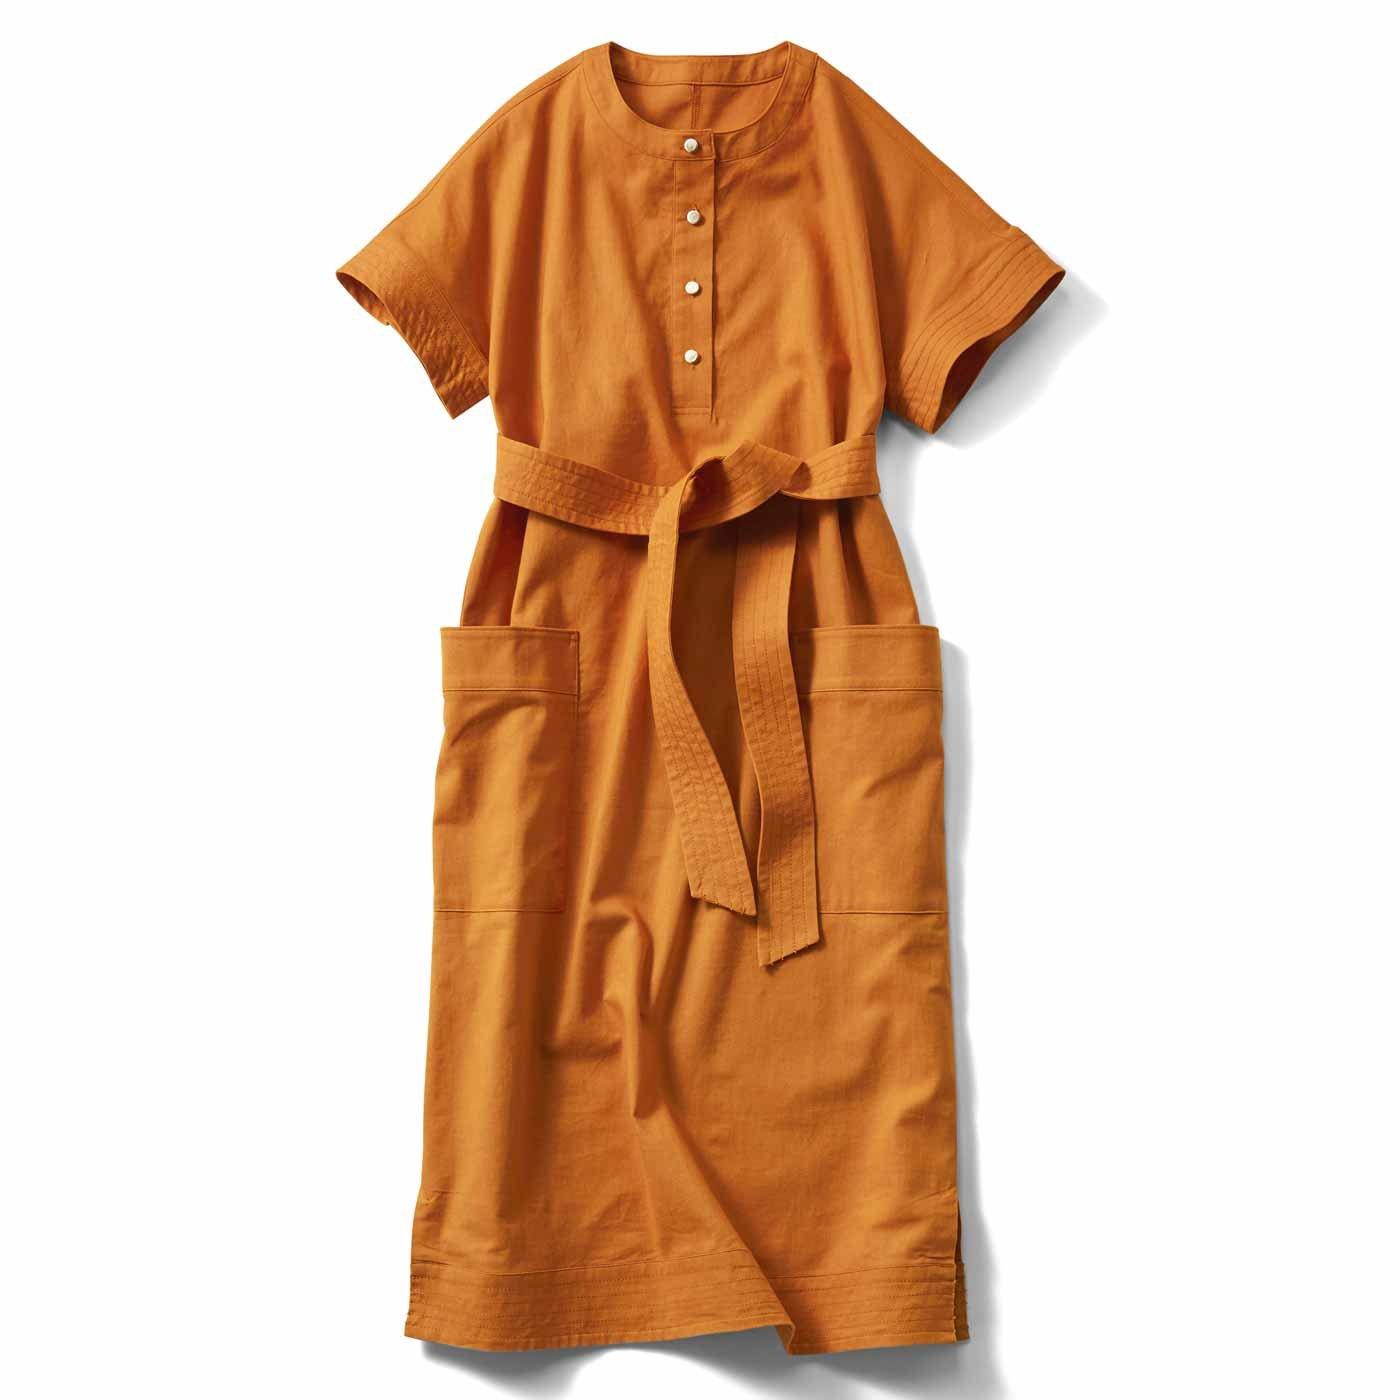 IEDIT[イディット] 小森美穂子さんとコラボ 綿麻素材がさわやか きちんとモードなベルテッドワンピース〈テラコッタオレンジ〉